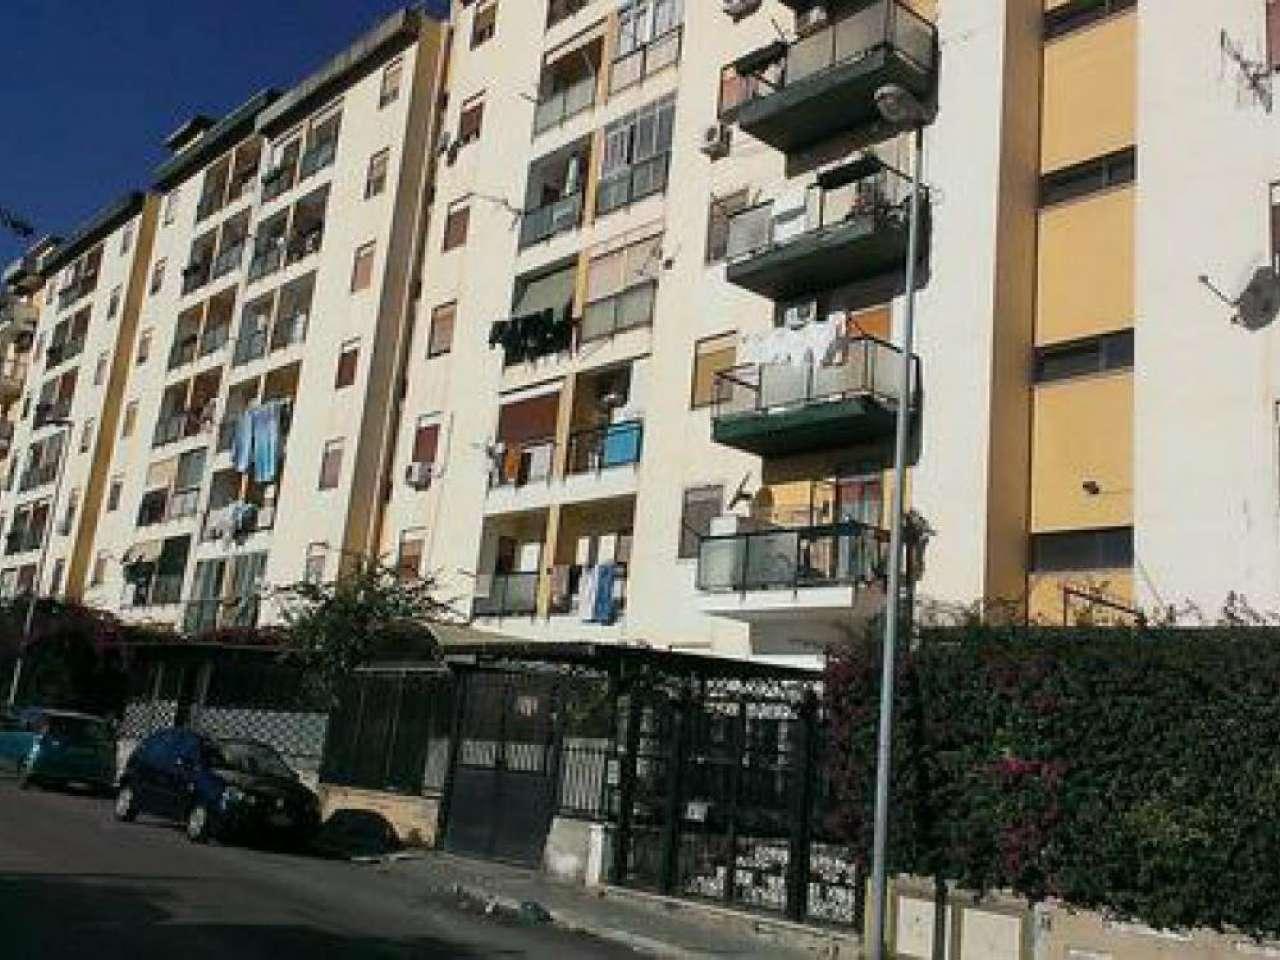 Appartamento in vendita a Palermo, 5 locali, prezzo € 155.000 | Cambio Casa.it